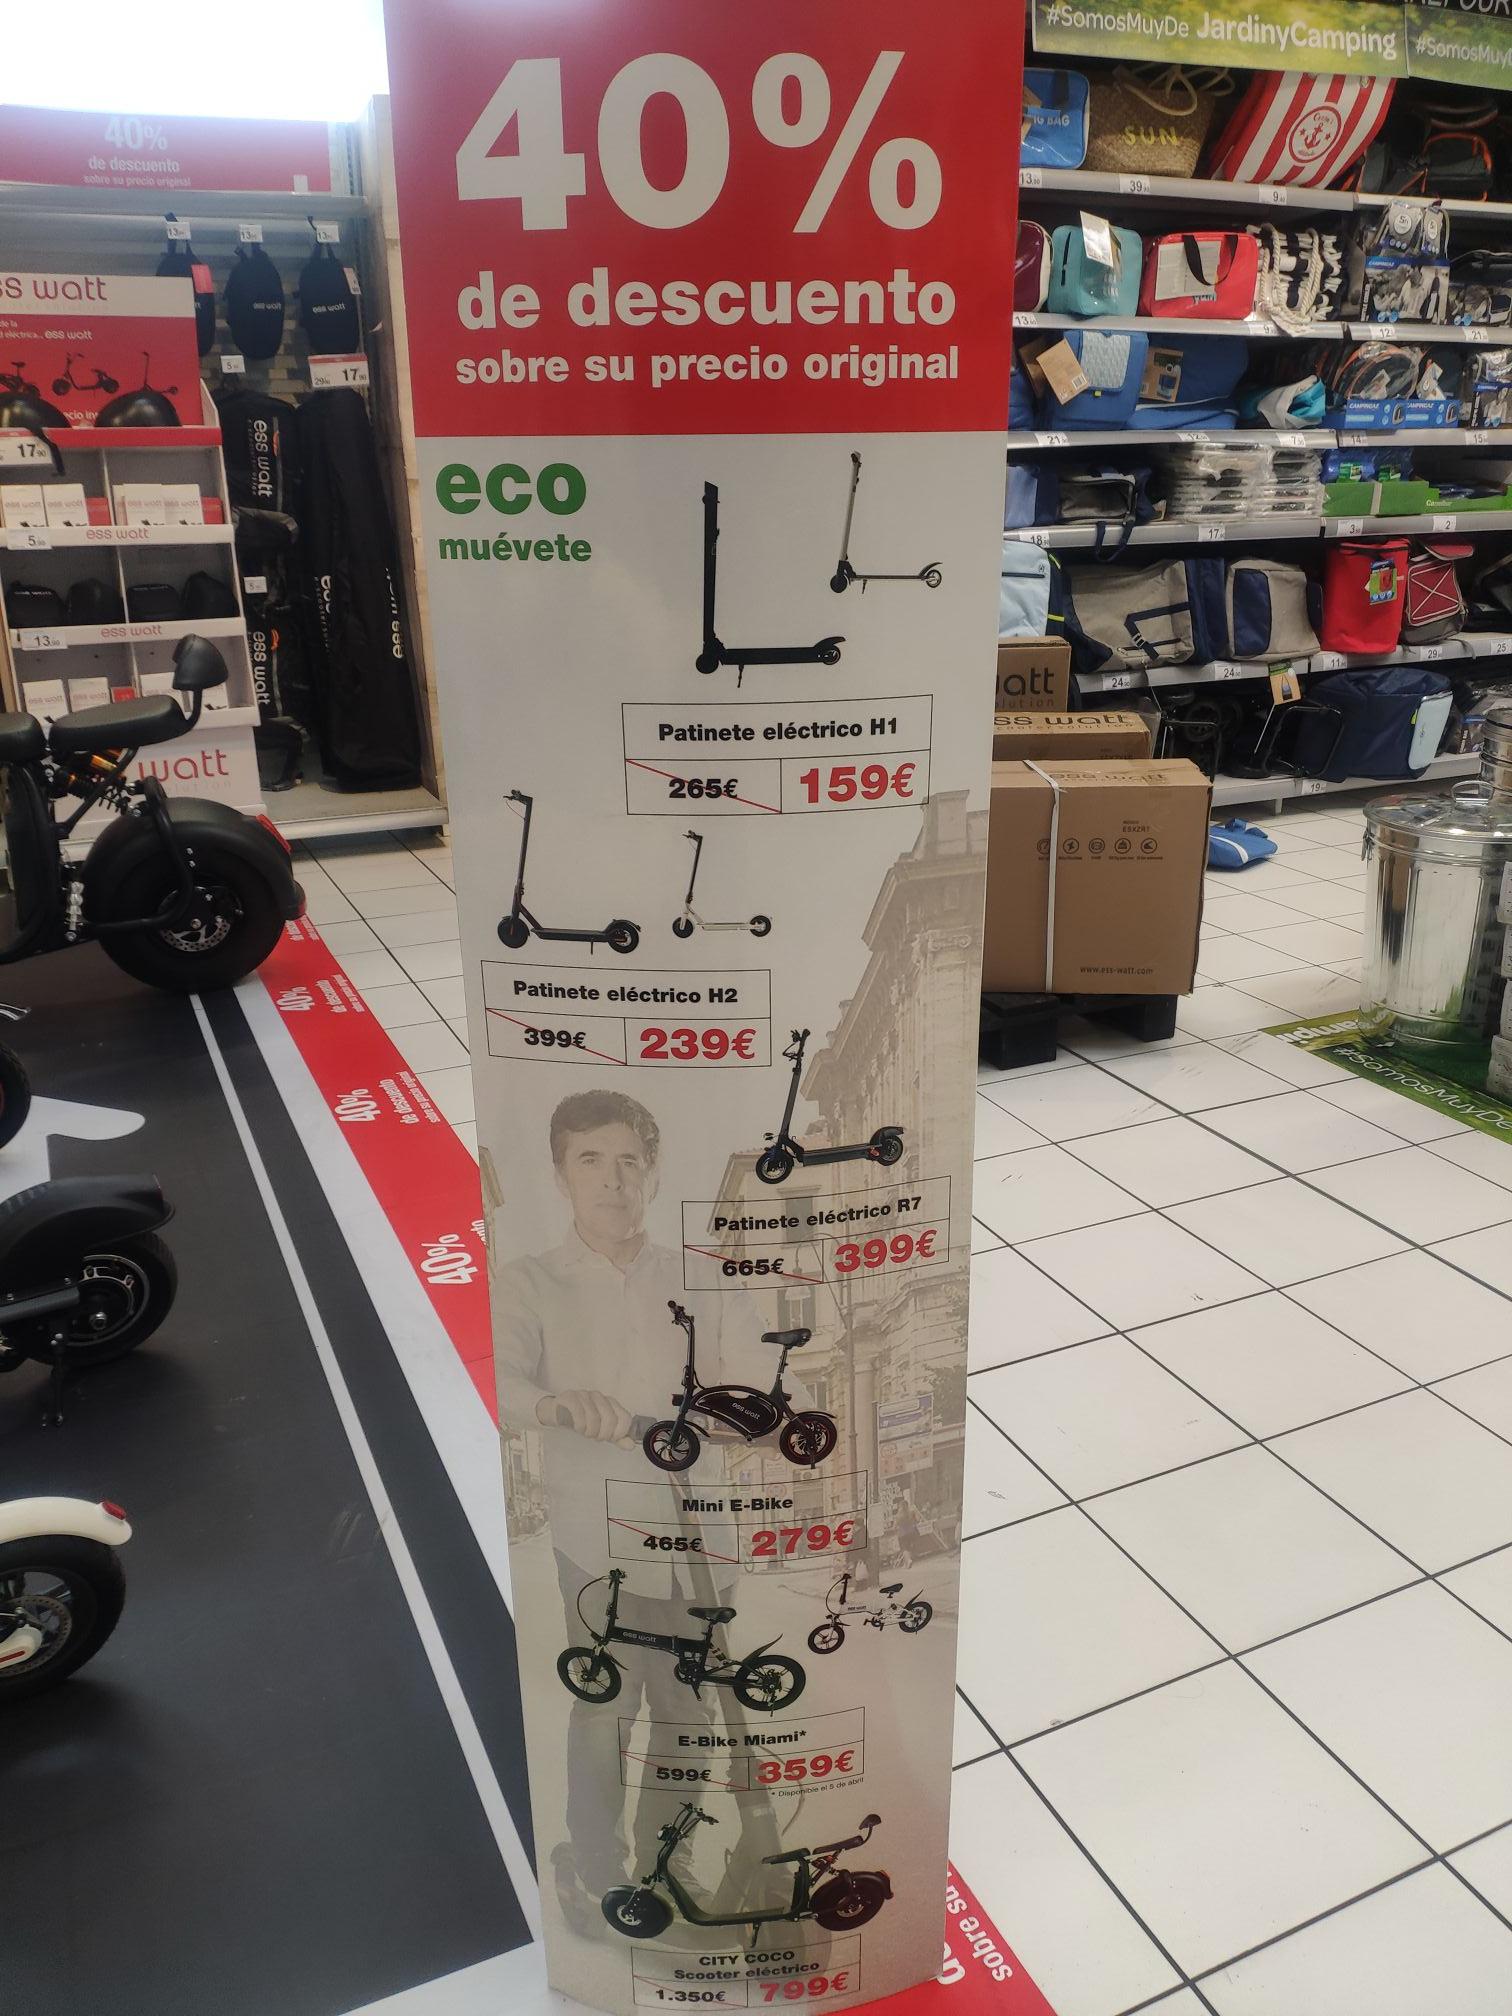 Patinete eléctrico ,e-bike y más...con descuento del 40%